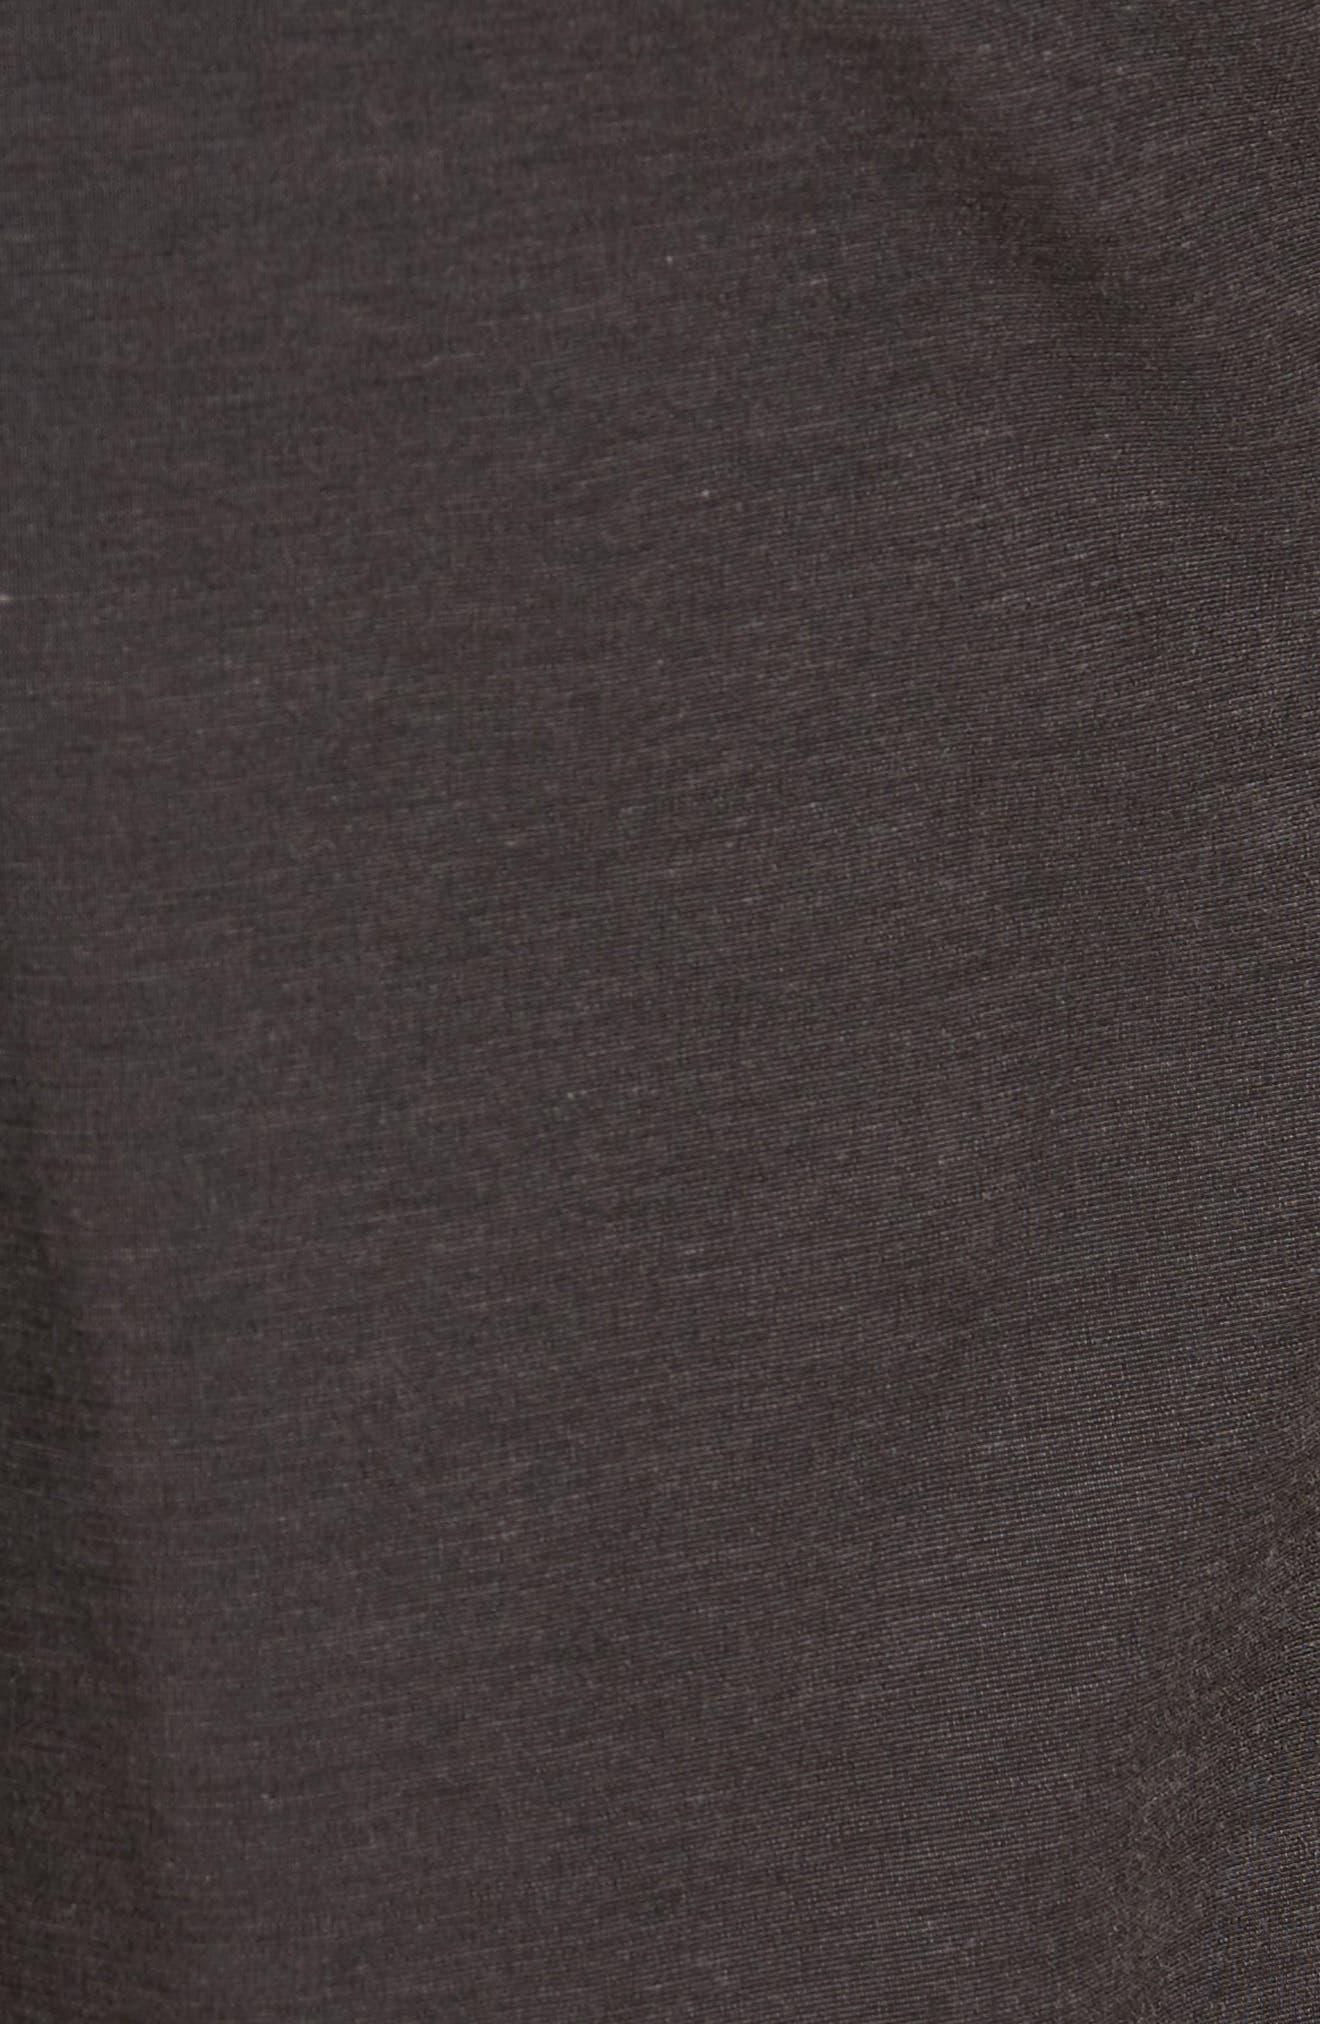 Chip & Run Shorts,                             Alternate thumbnail 5, color,                             BLACK